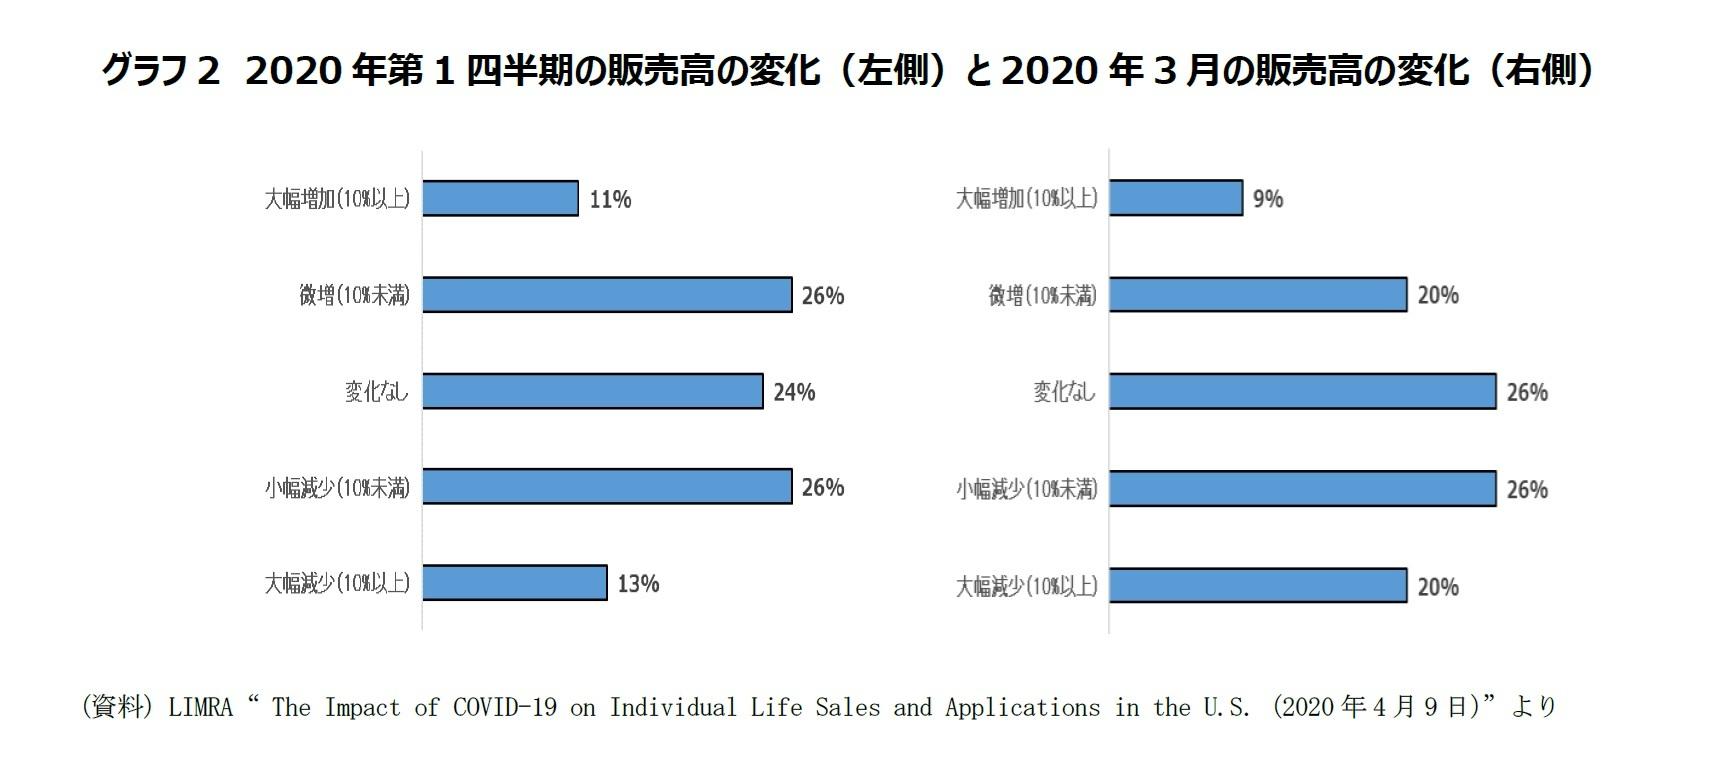 グラフ2 2020年第1四半期の販売高の変化(左側)と2020年3月の販売高の変化(右側)